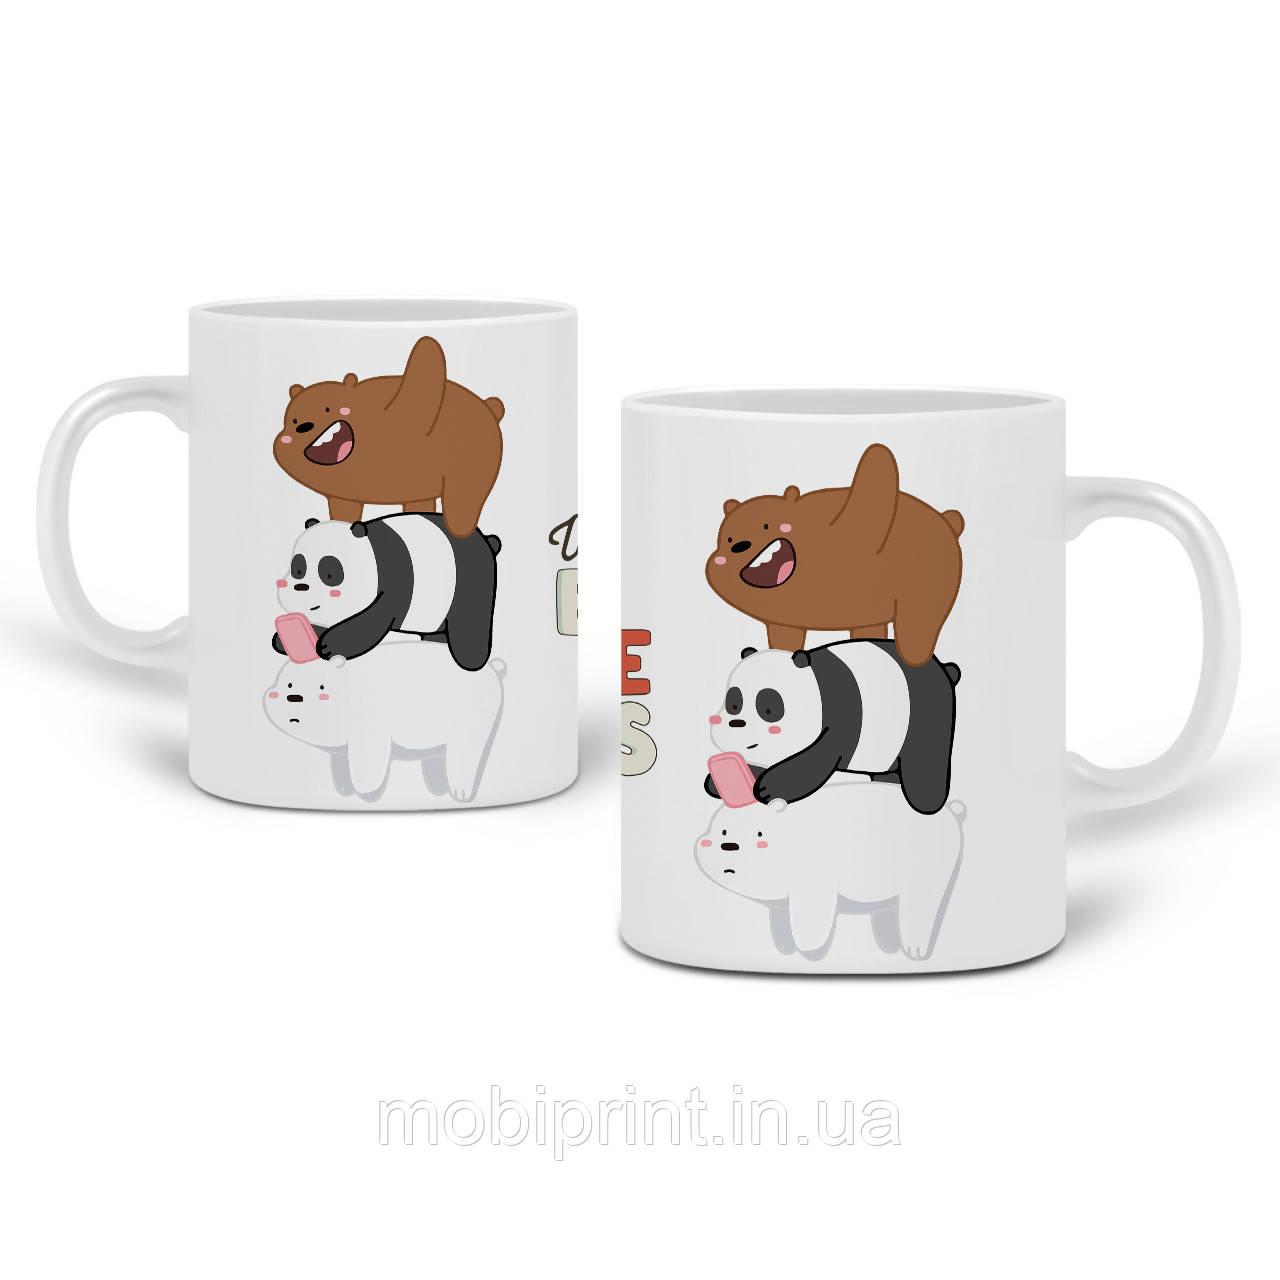 Кружка Вся правда о медведях (We Bare Bears) 330 мл Чашка Керамическая (20259-2643)